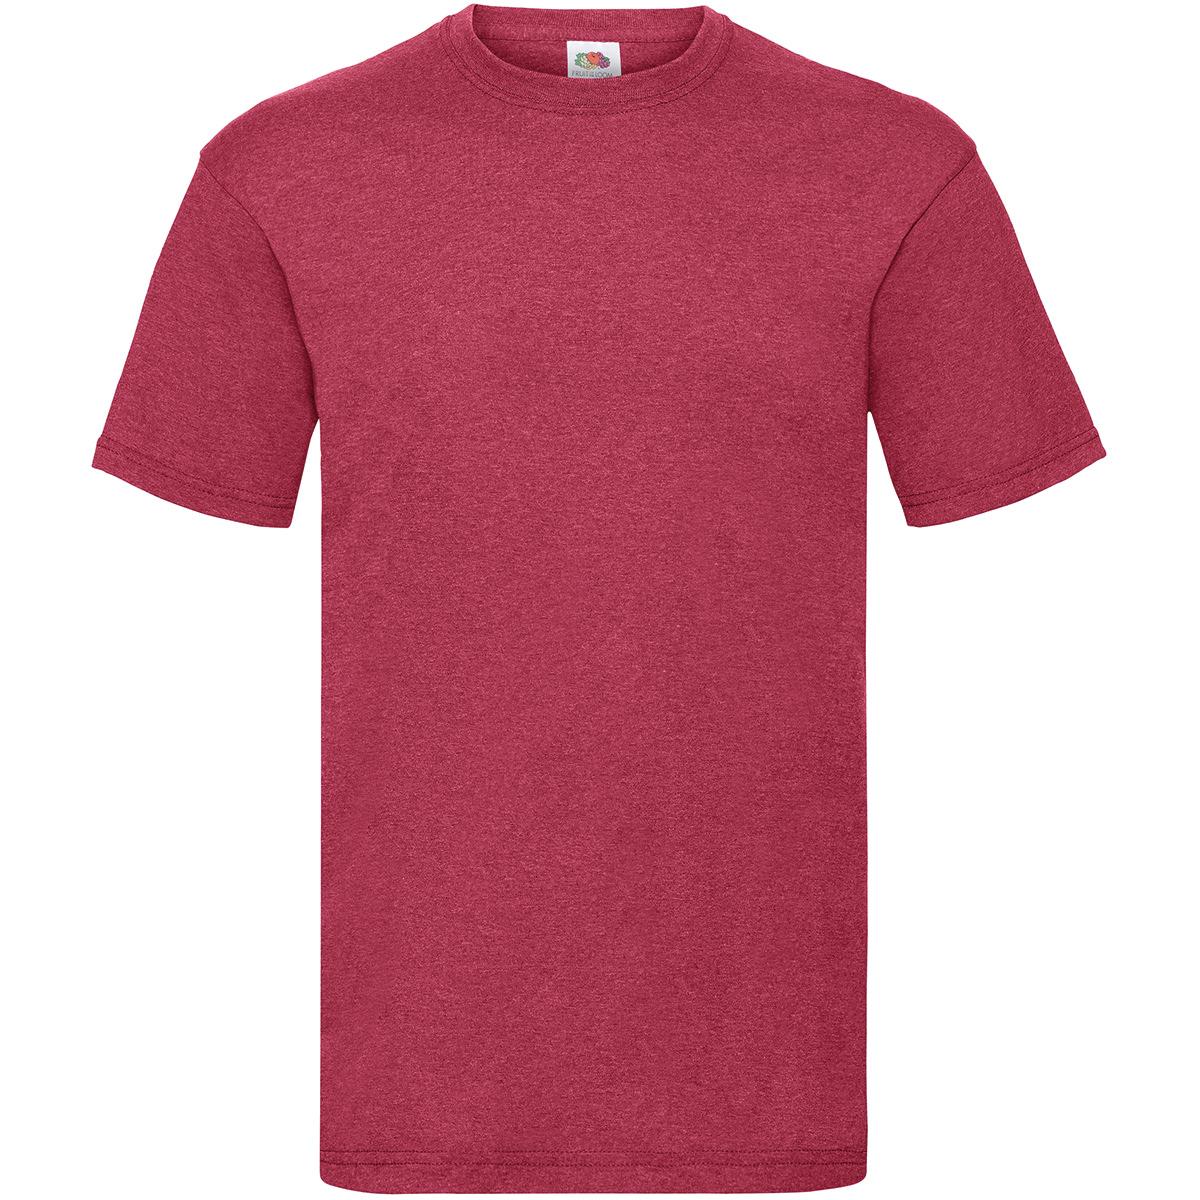 Indexbild 31 - Fruit of the Loom UNISEX T-Shirt Bestseller Top Angebot Herren Damen NEU